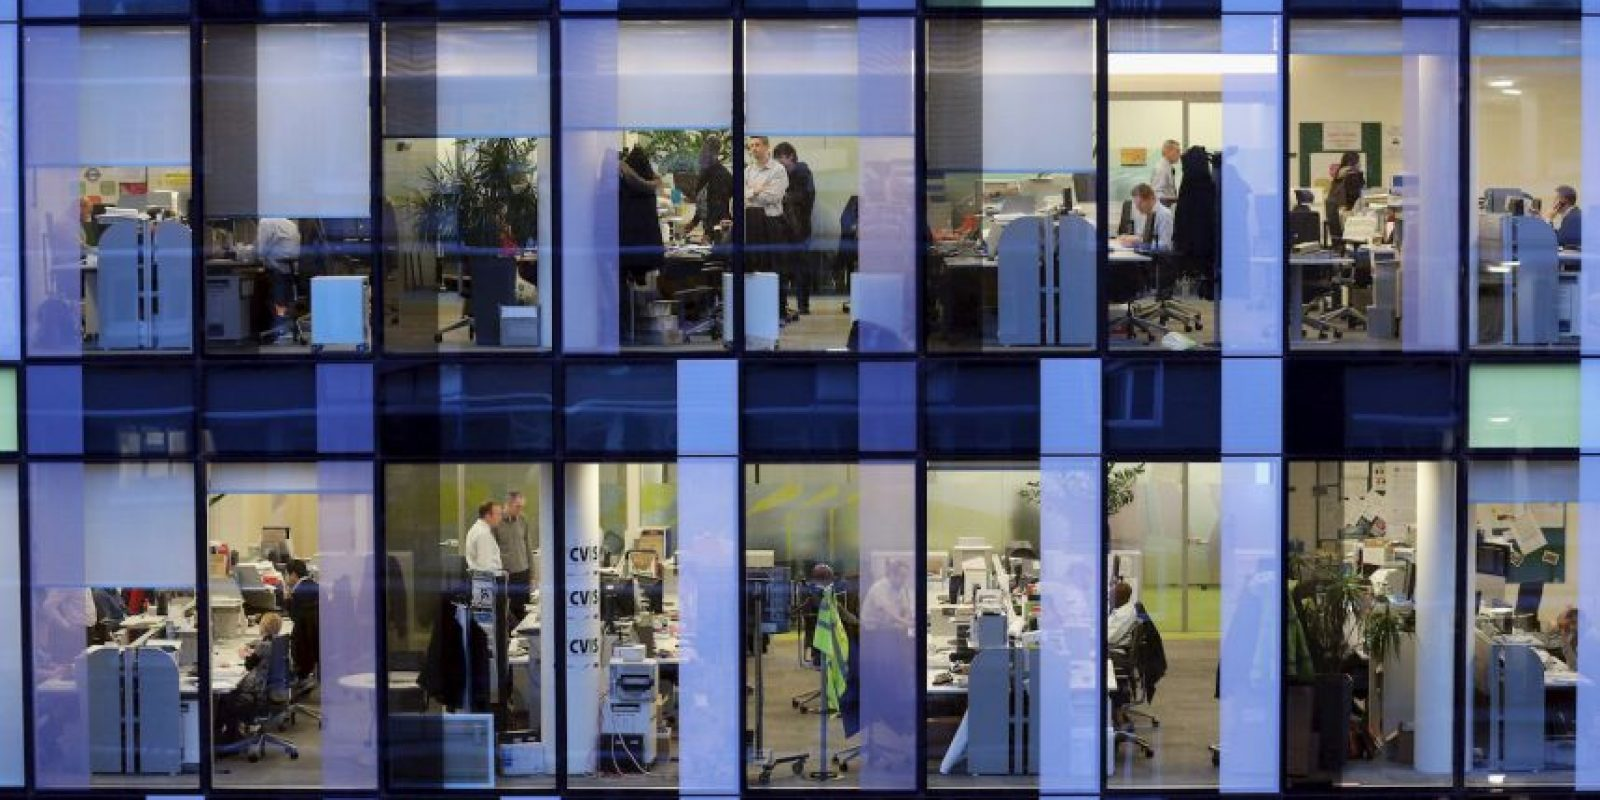 La firma Keas señaló en 2012 que 10 minutos diarios en la red sociales podría aumentar la productividad. Pero abusar de ese tiempo podría disminuirla Foto:Getty Images